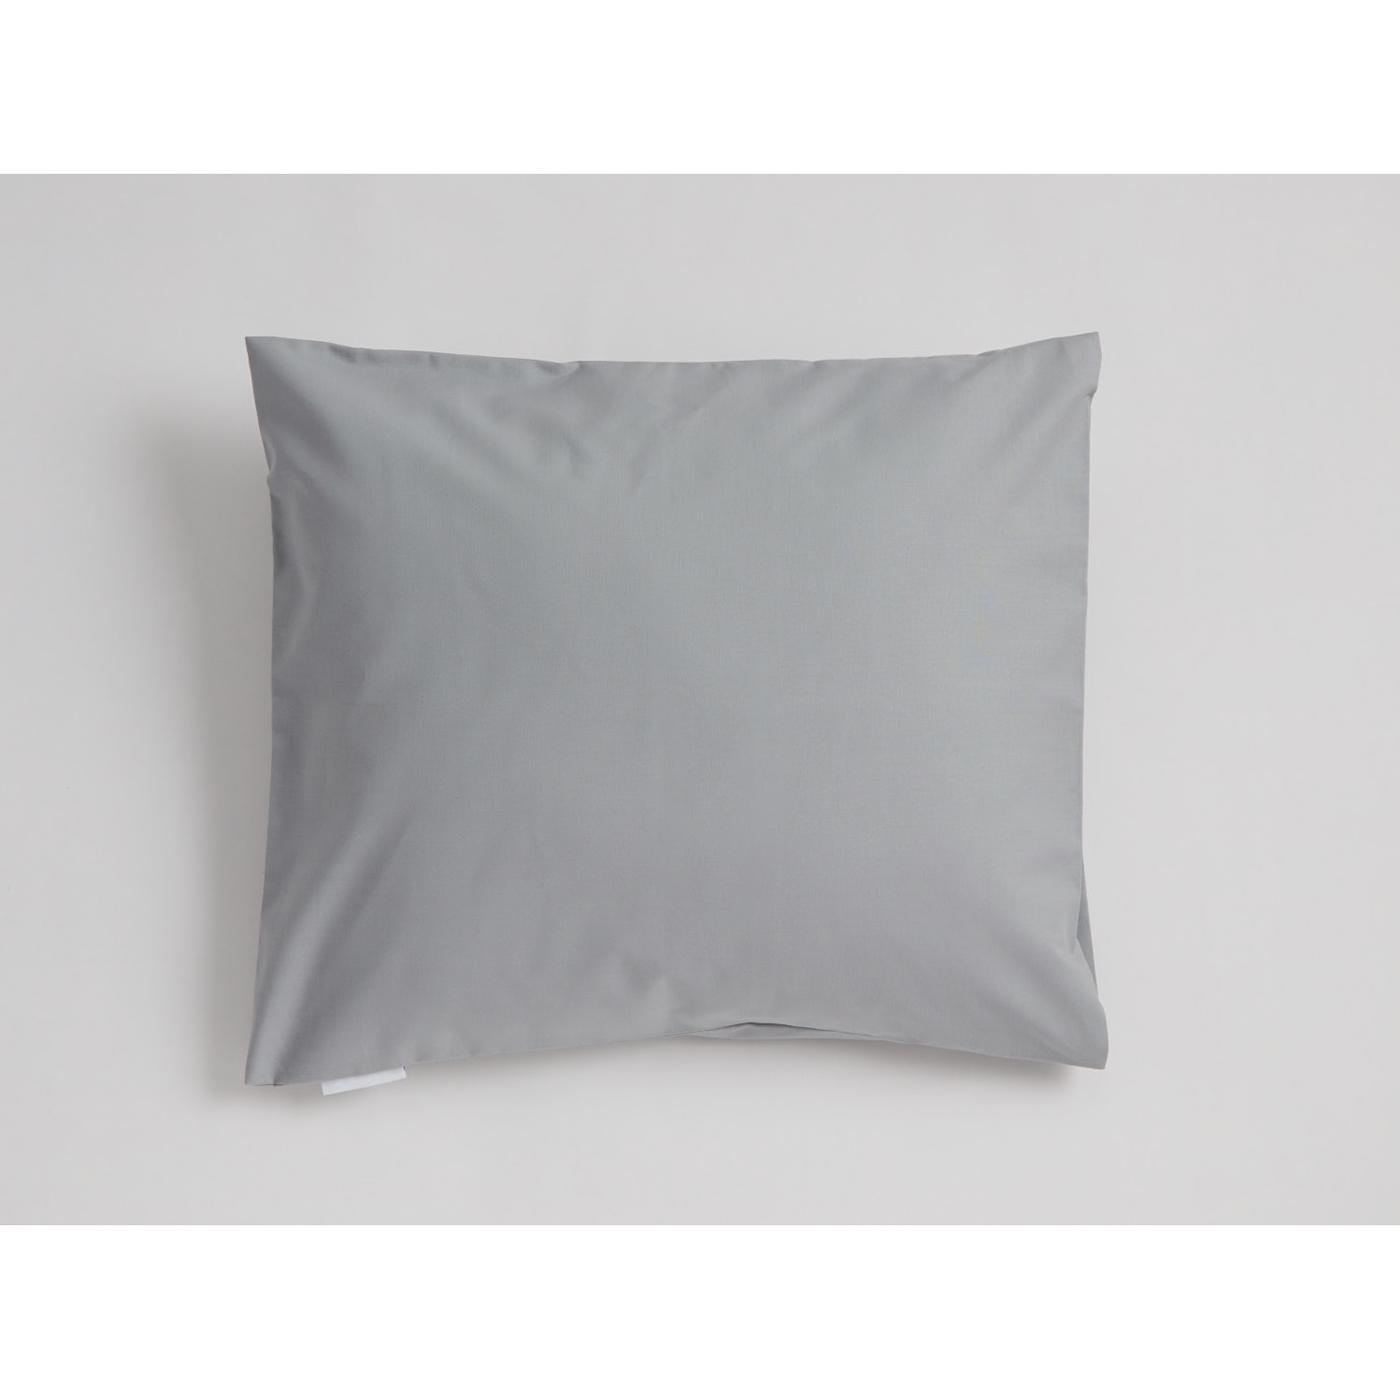 Mini Snoooze cotton pillowcase (grey)